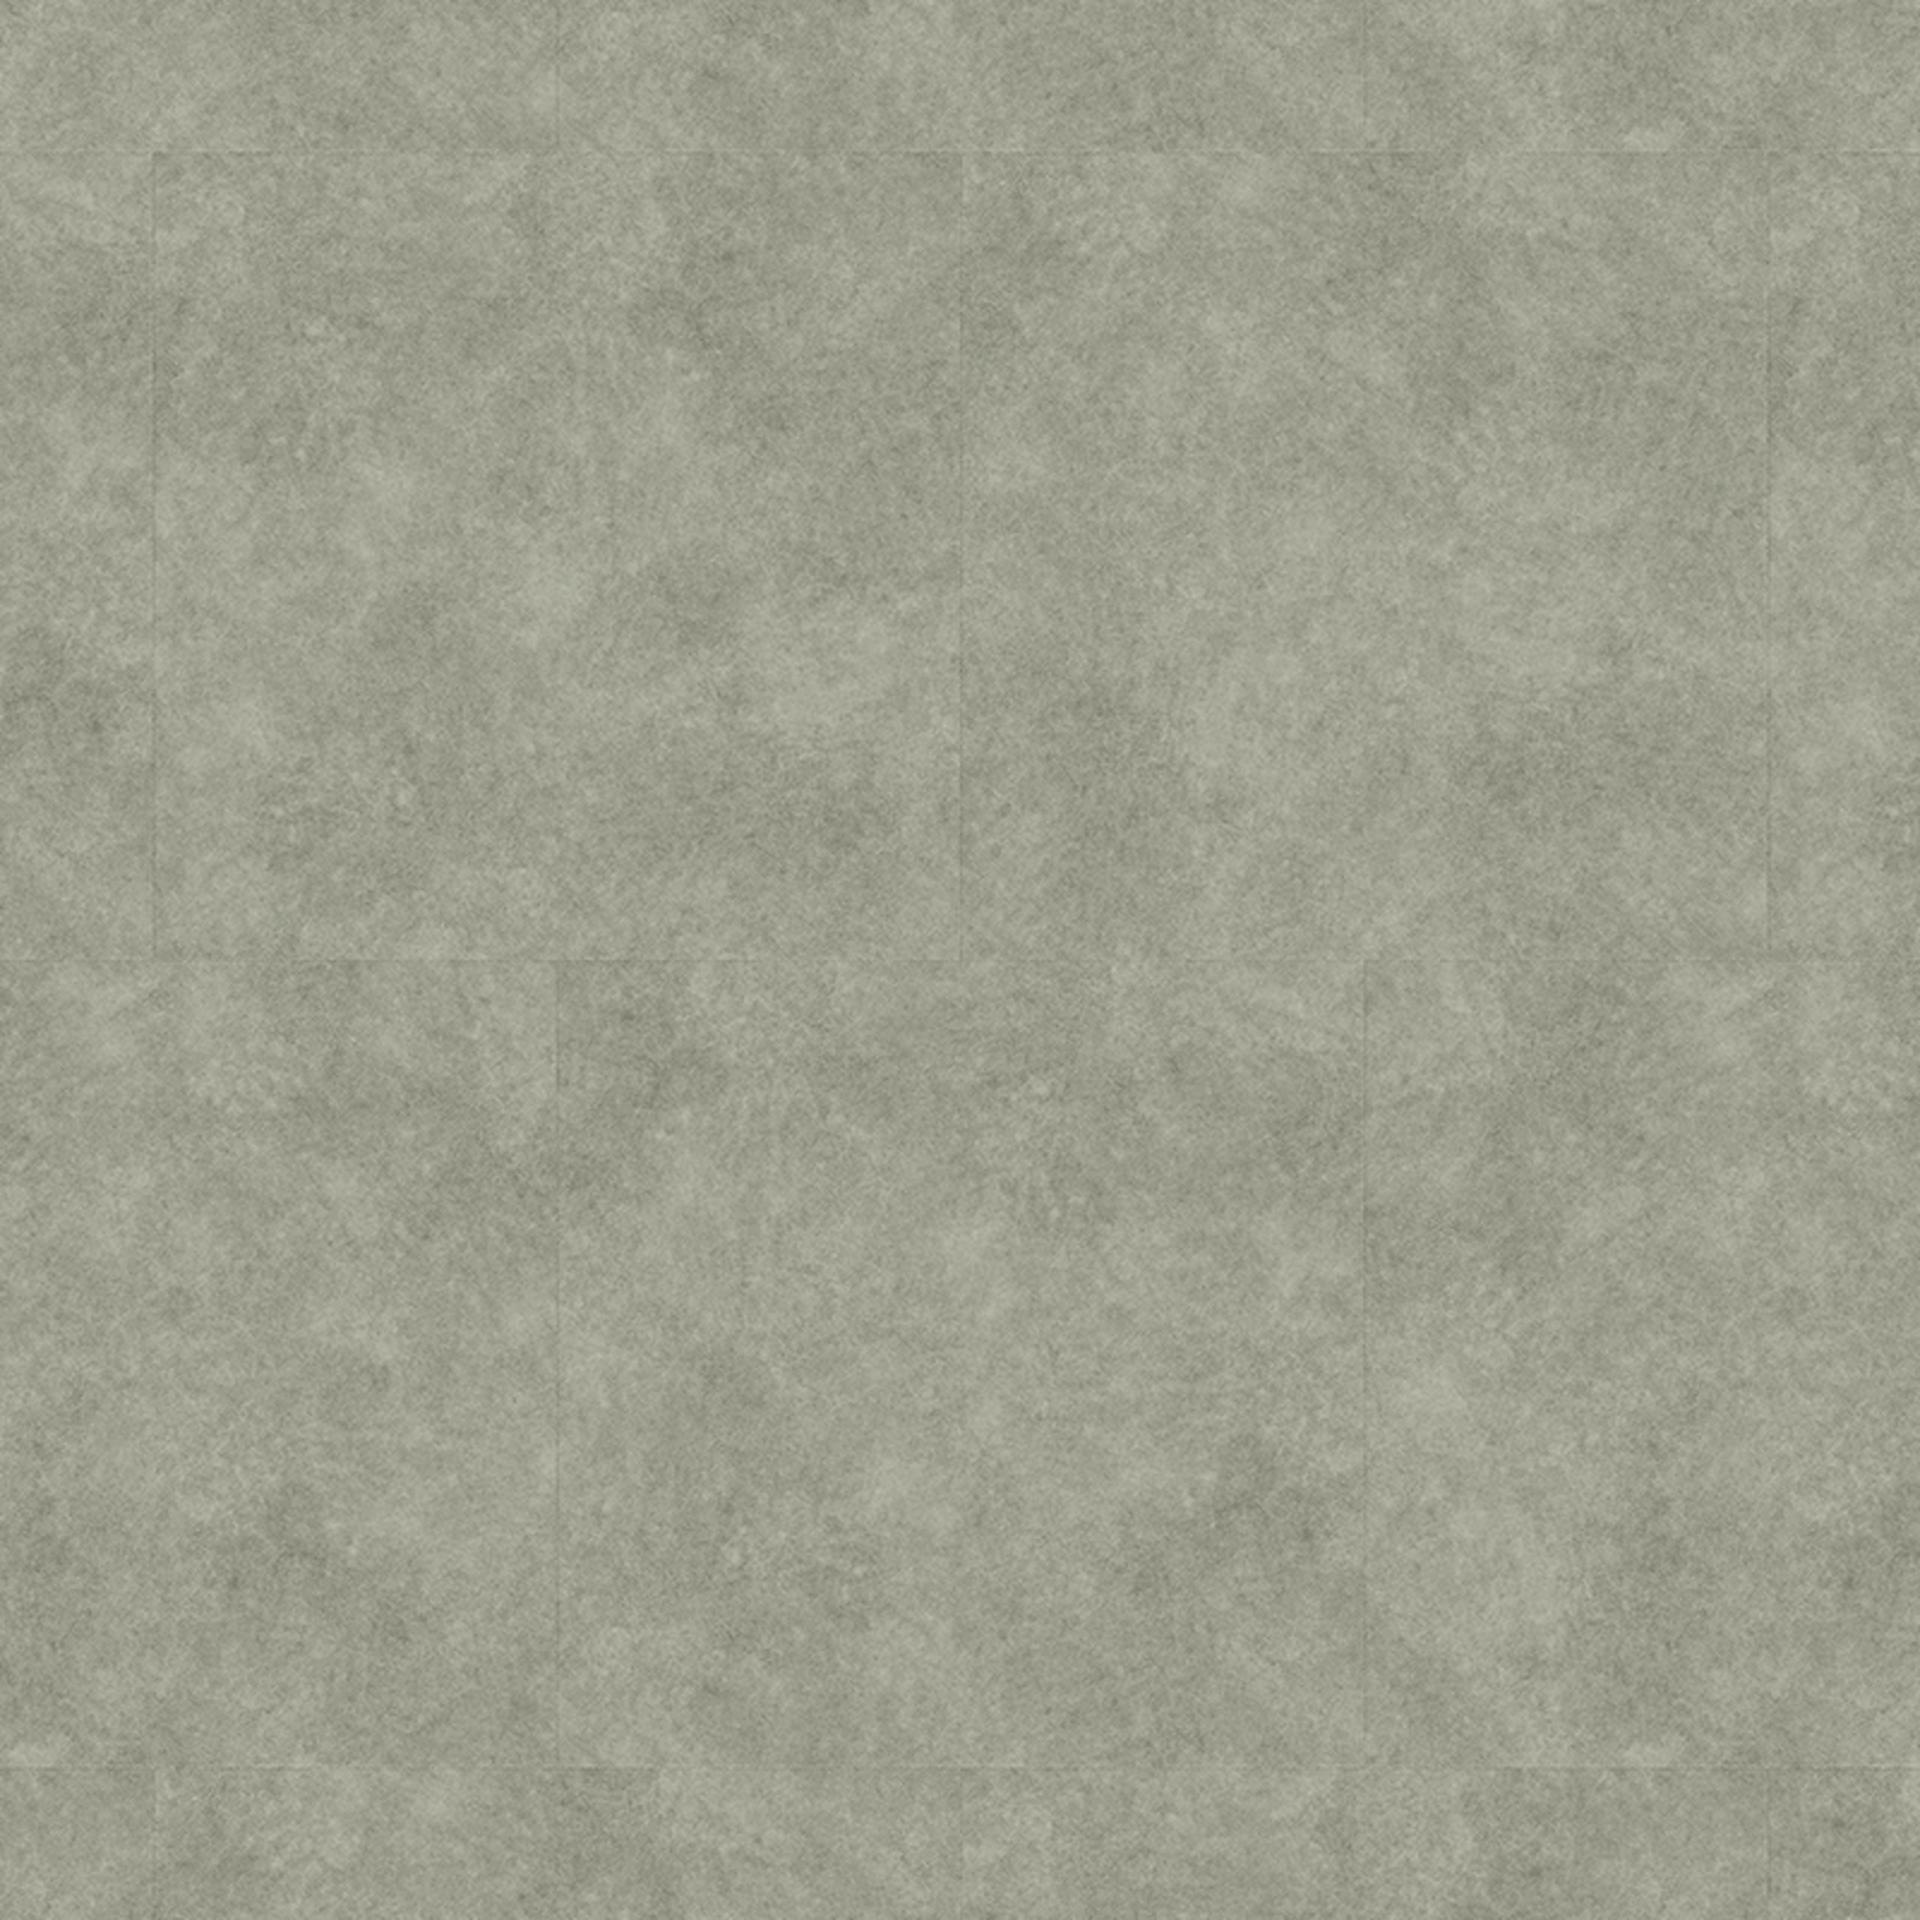 premium vloeren pvc of vinyl vloeren van een hoge kwaliteit